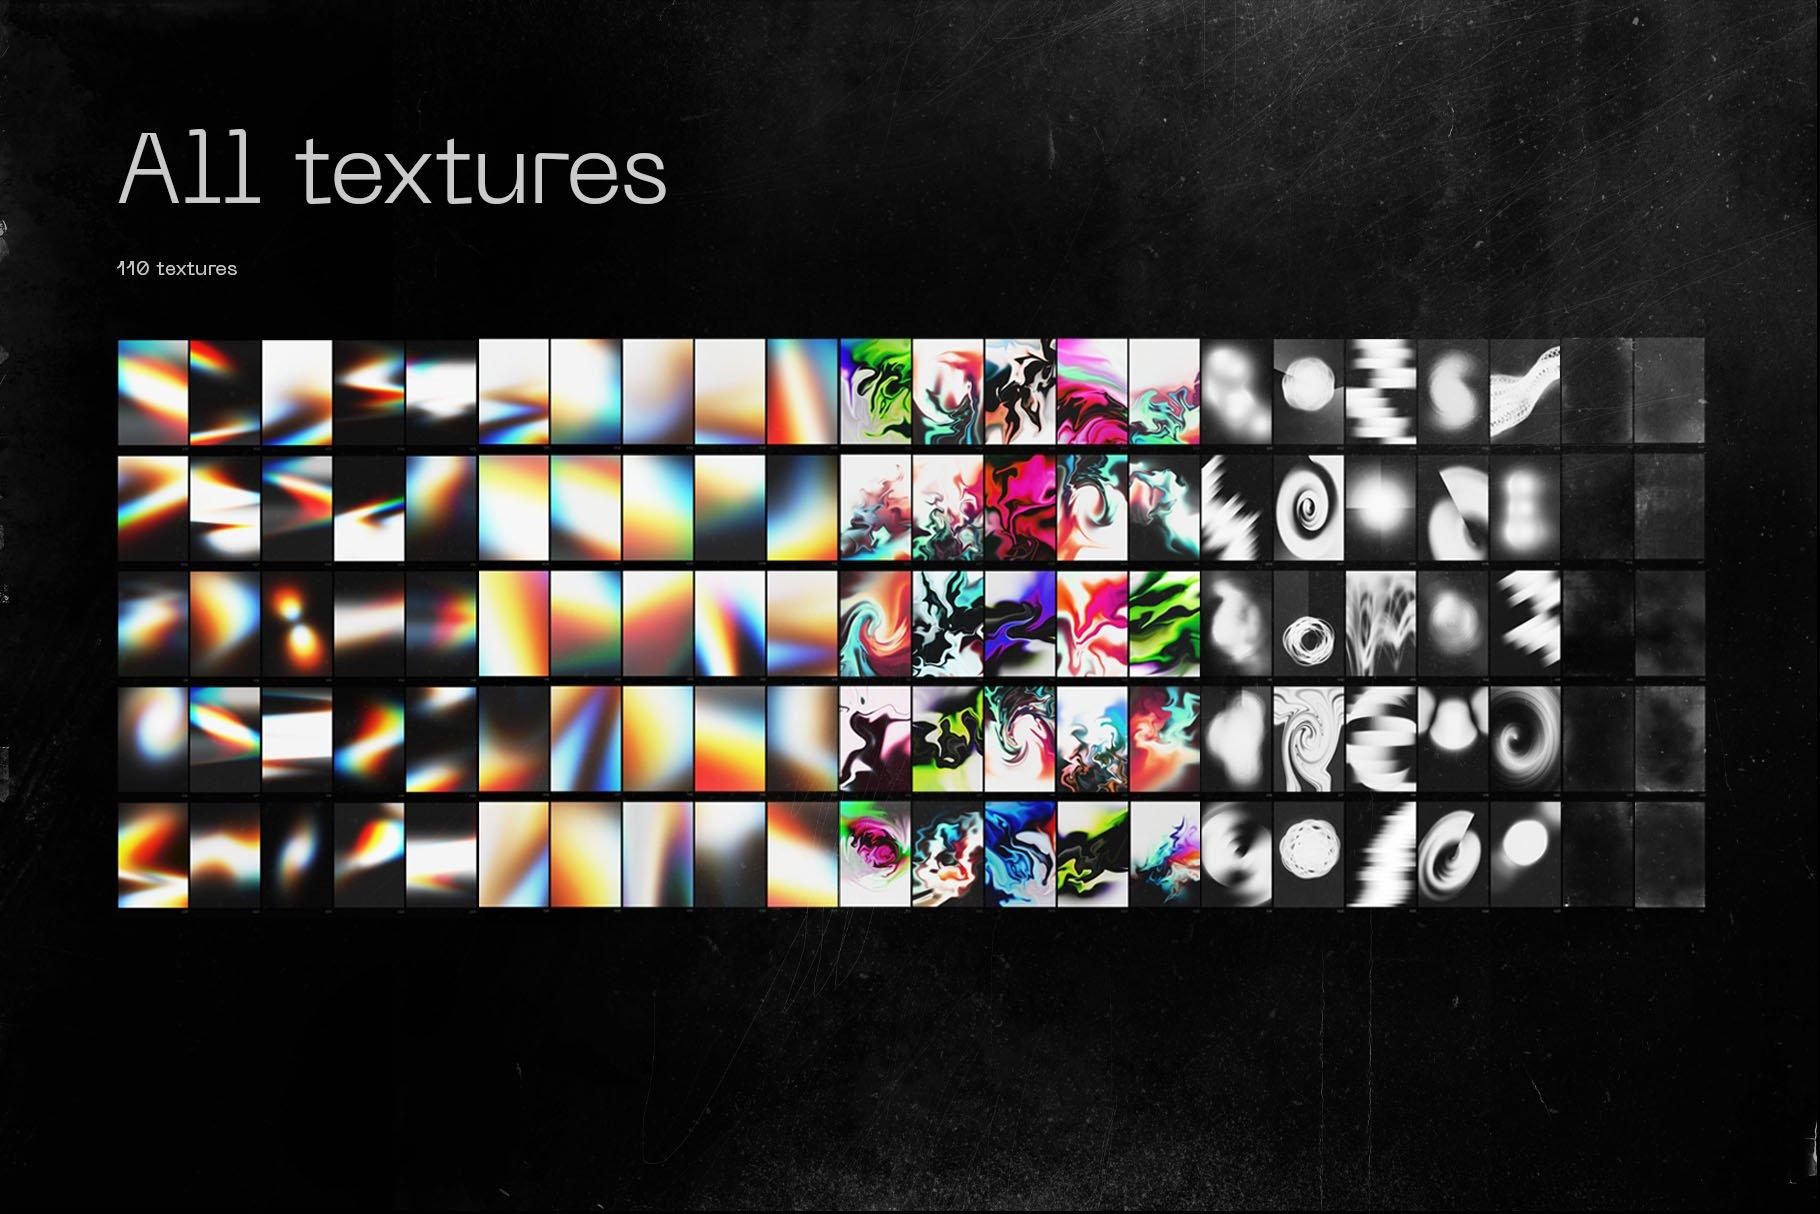 [单独购买] 潮流抽象粗糙划痕炫彩全息渐变油漆纹理背景图片矢量图案设计素材套装 Inartflow – Grafica Shapes Textures插图2